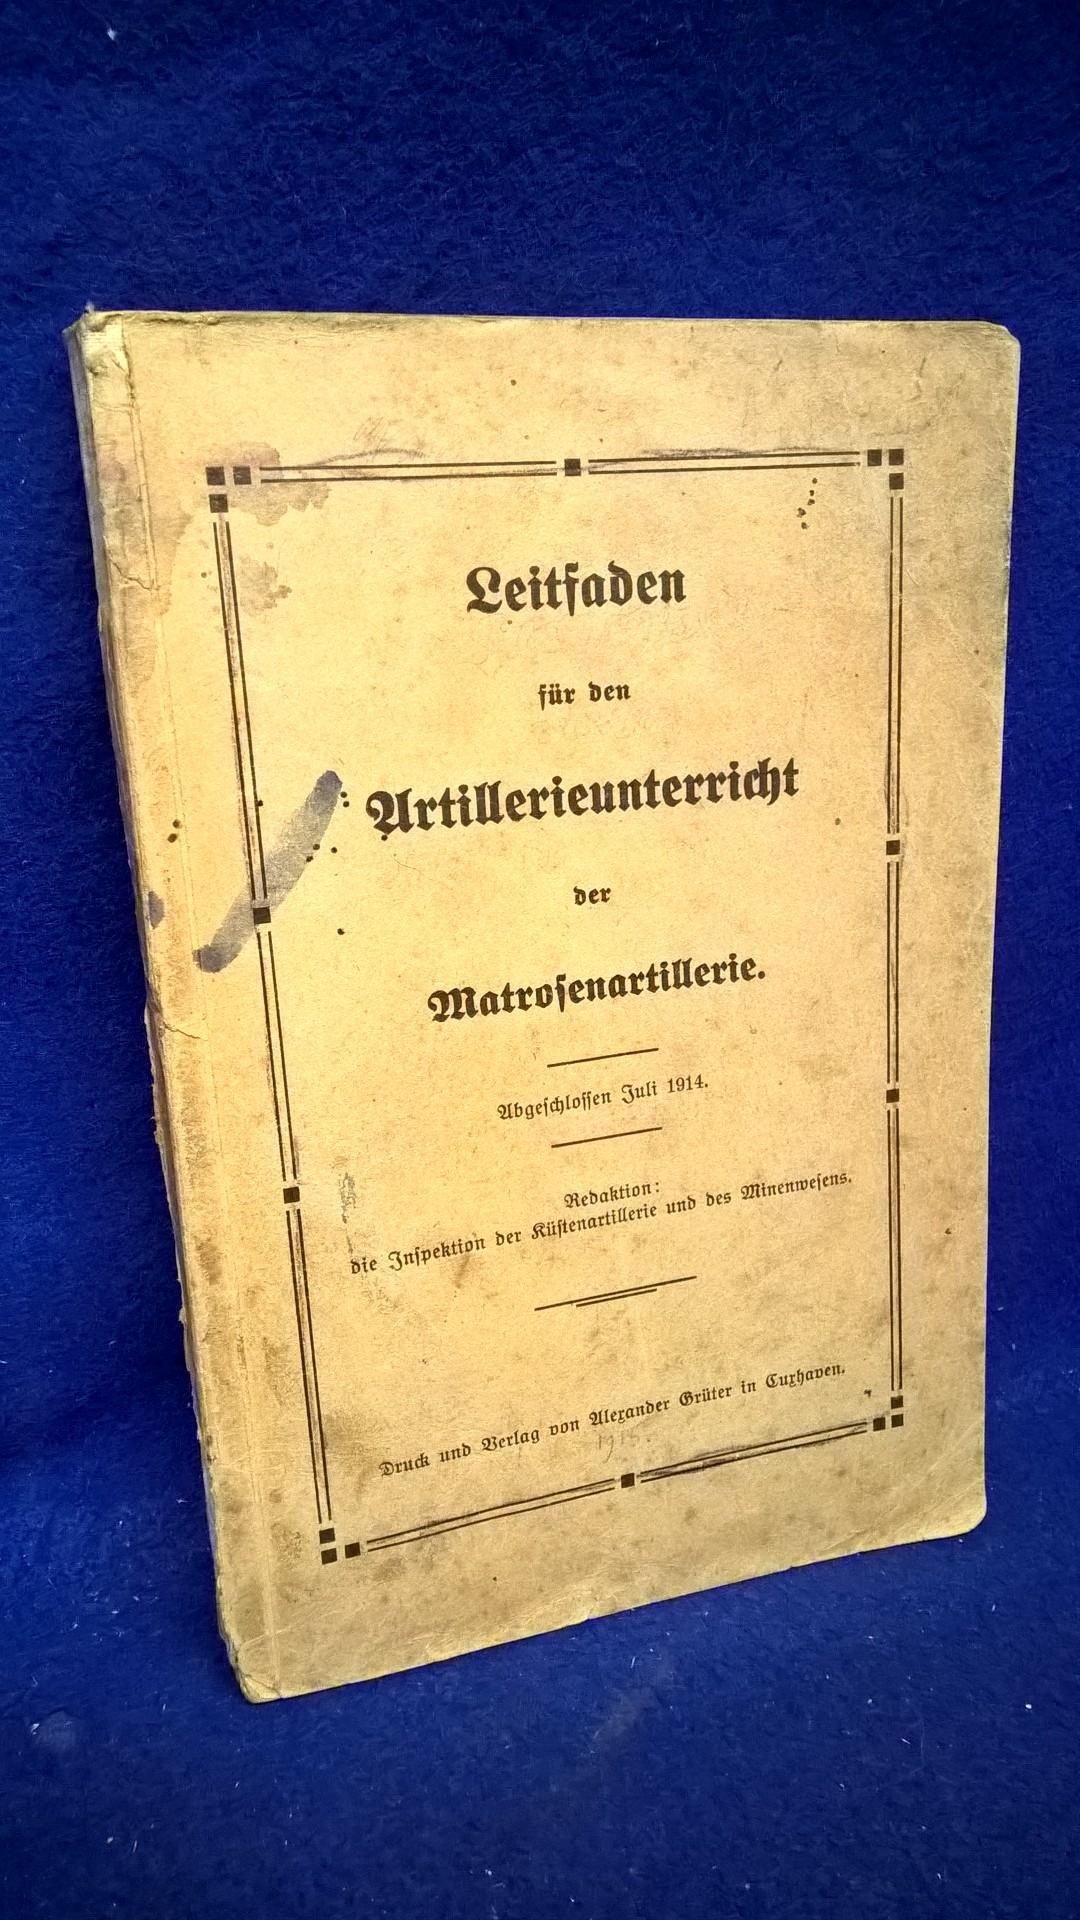 Leitfaden für den Artillerieunterricht der Matrosenartillerie,1914.